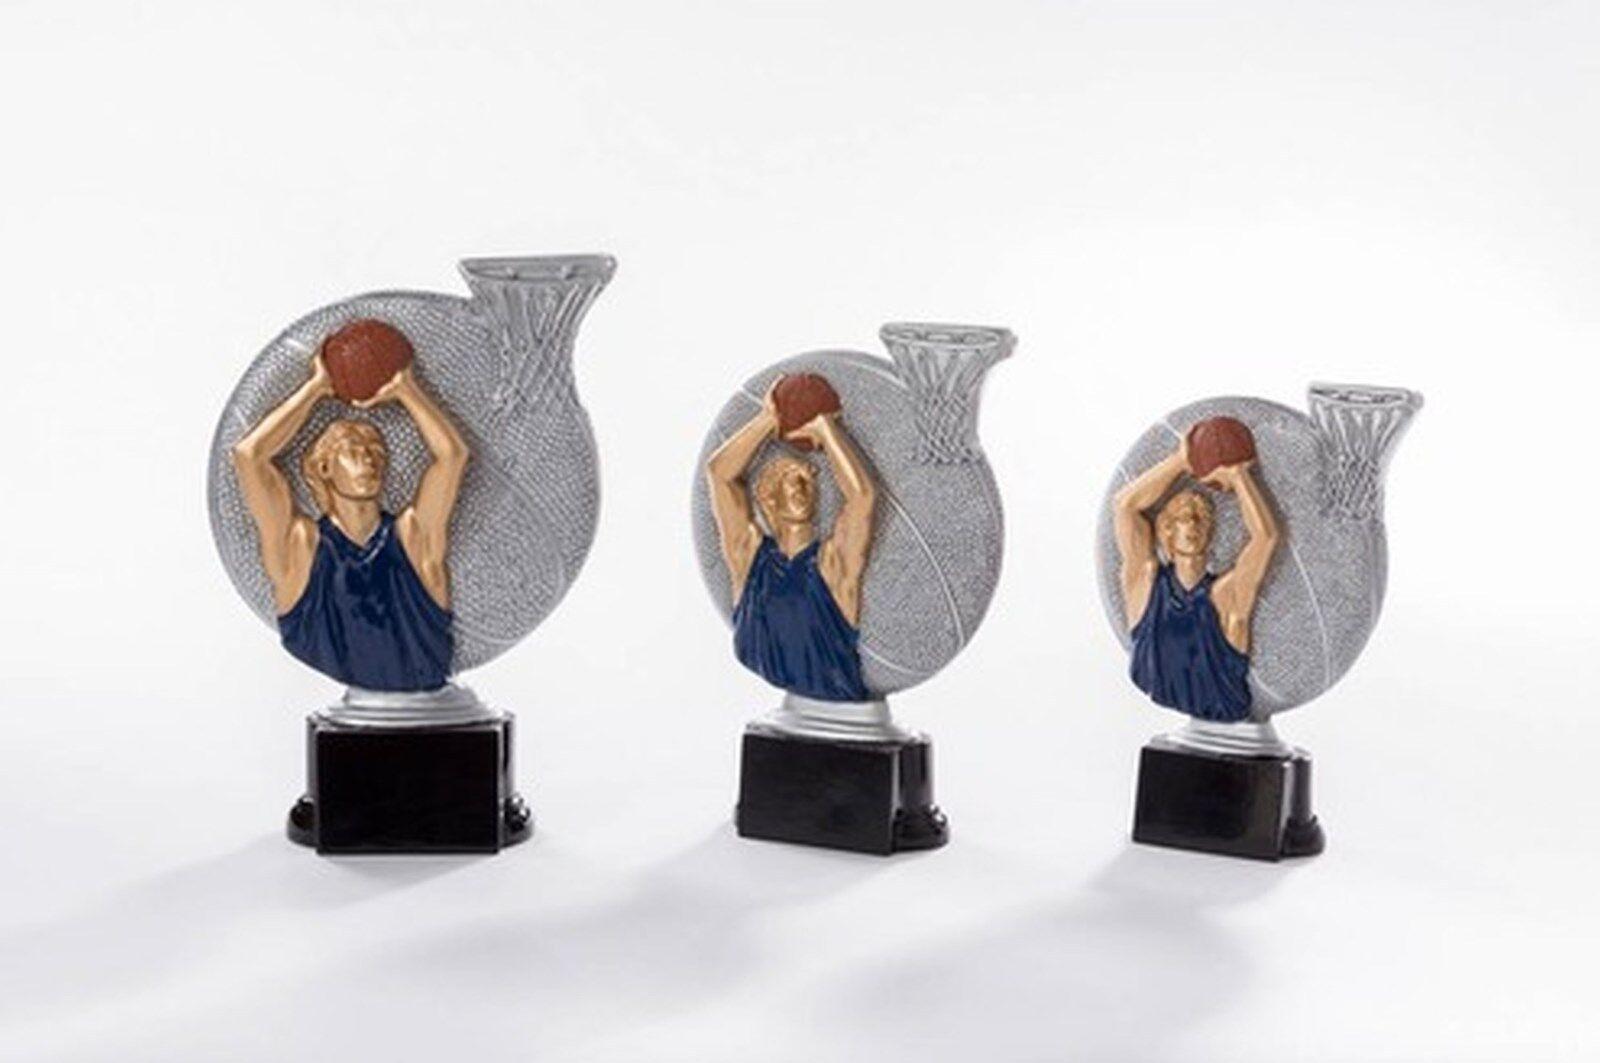 6 Figuren Basketball 2x 3er 3er 3er Serie aus Resin mit Gravur (Pokal Korbball Turnier) 27612f